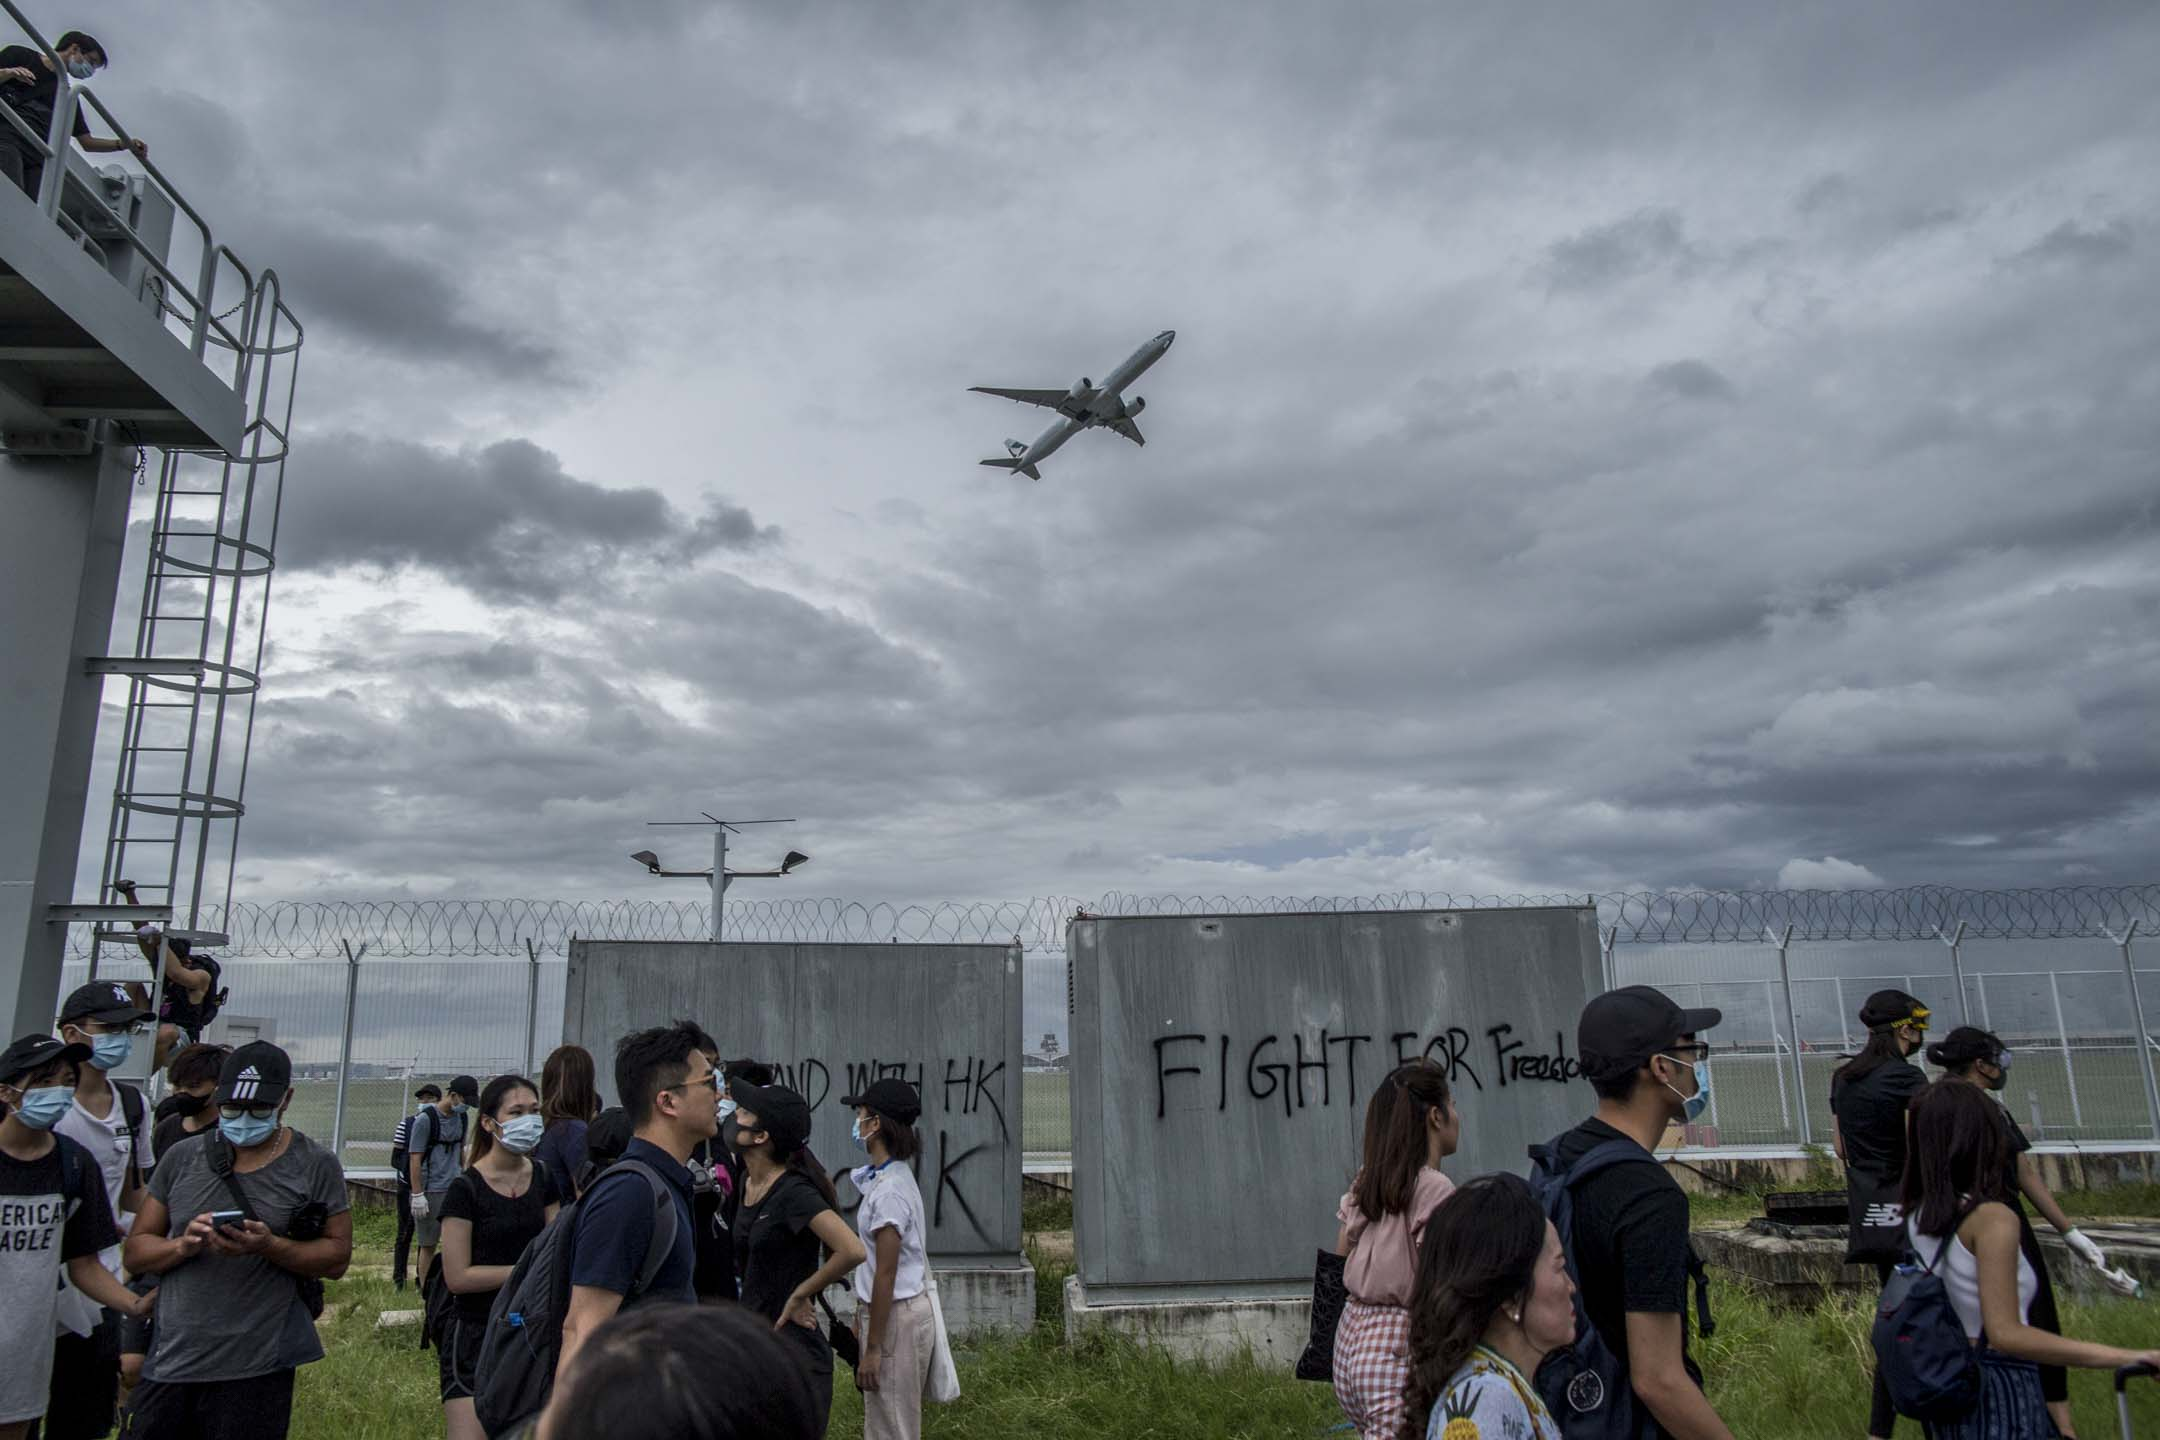 2019年9月1日,大批示威者響應網上號召前往香港國際機場,擬阻礙機場交通及正常運作,繼續向政府施壓。  攝:林振東/端傳媒